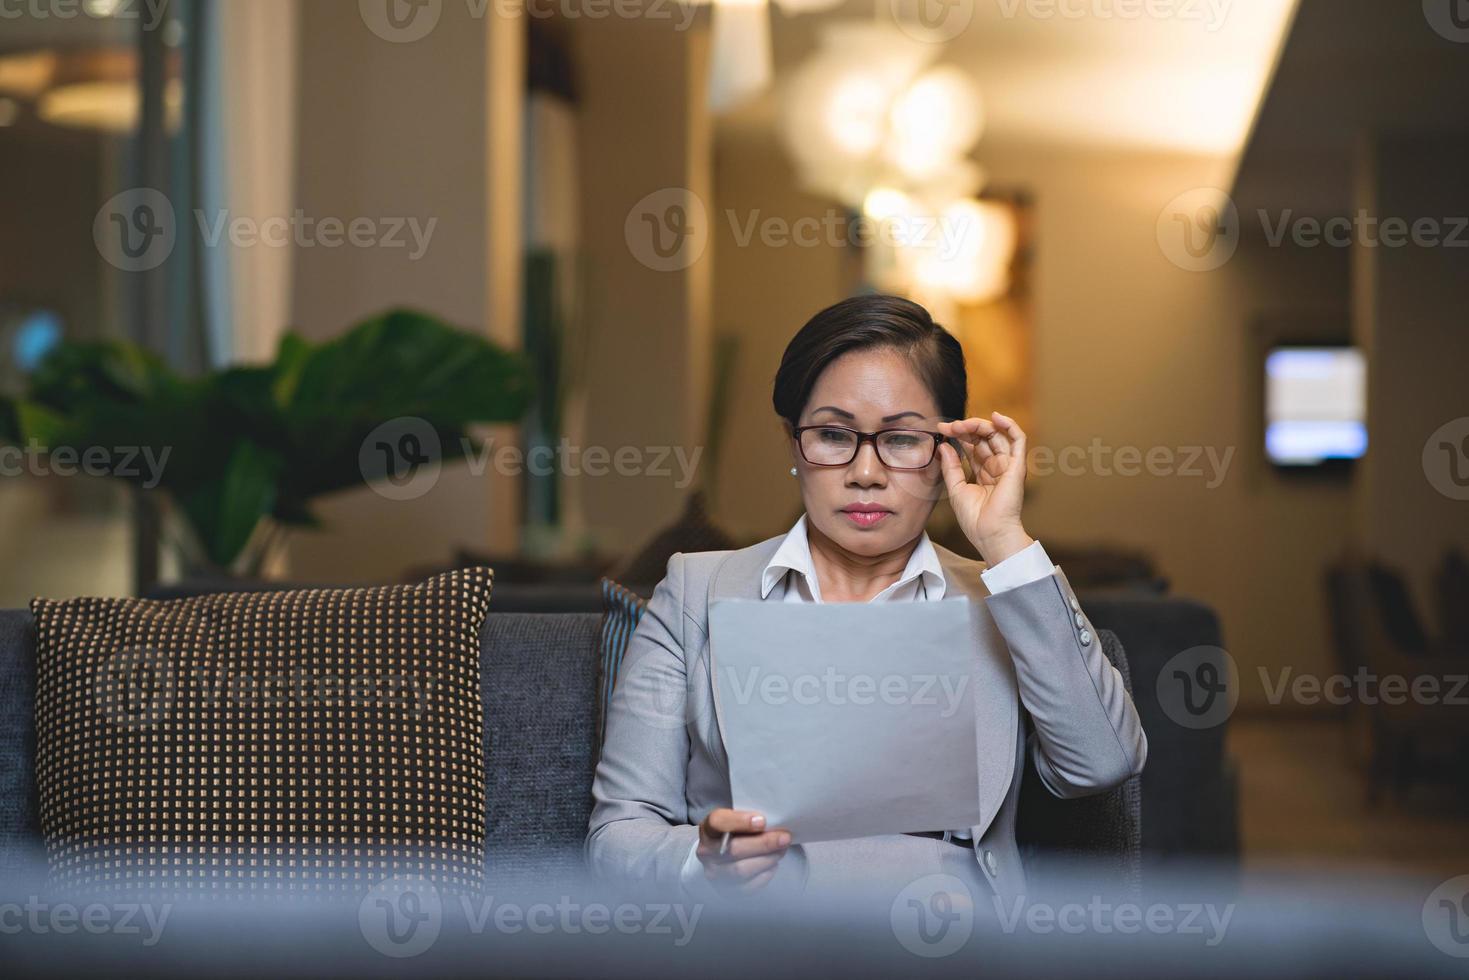 Geschäftsdokument lesen foto